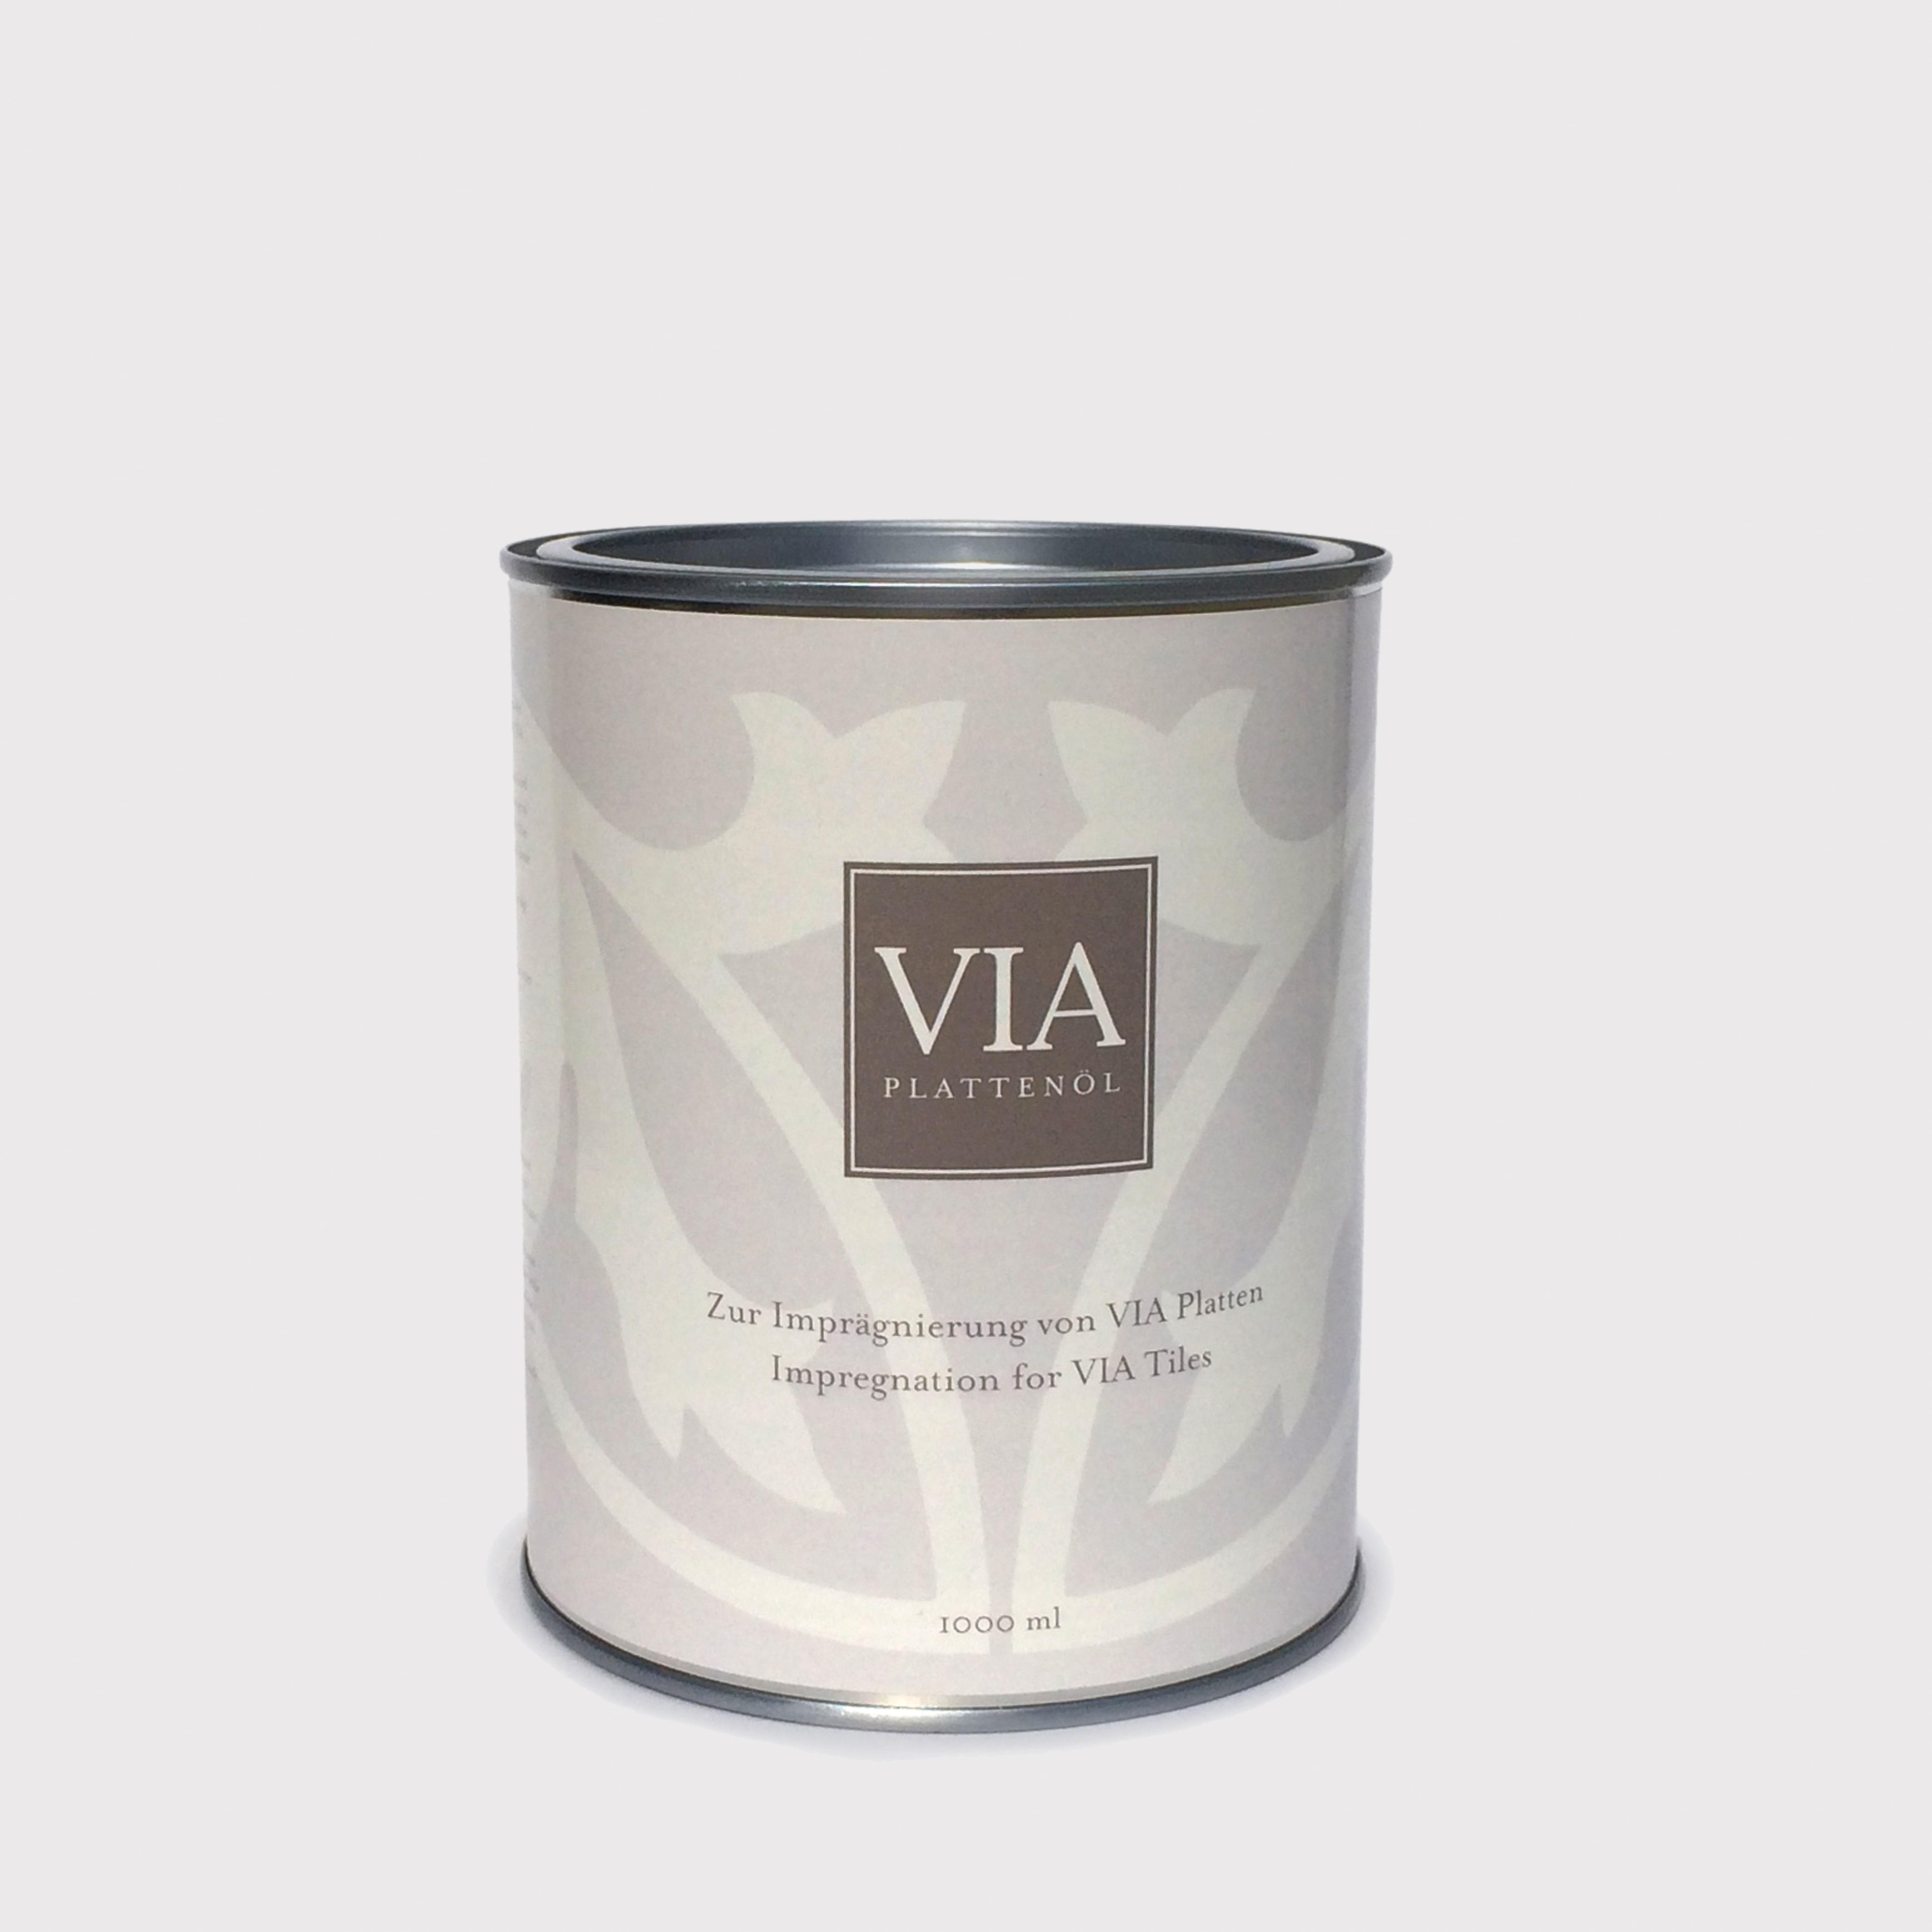 VIA-Plattenoel-Zementfliesen-impraegnieren | VIA Plattenöl